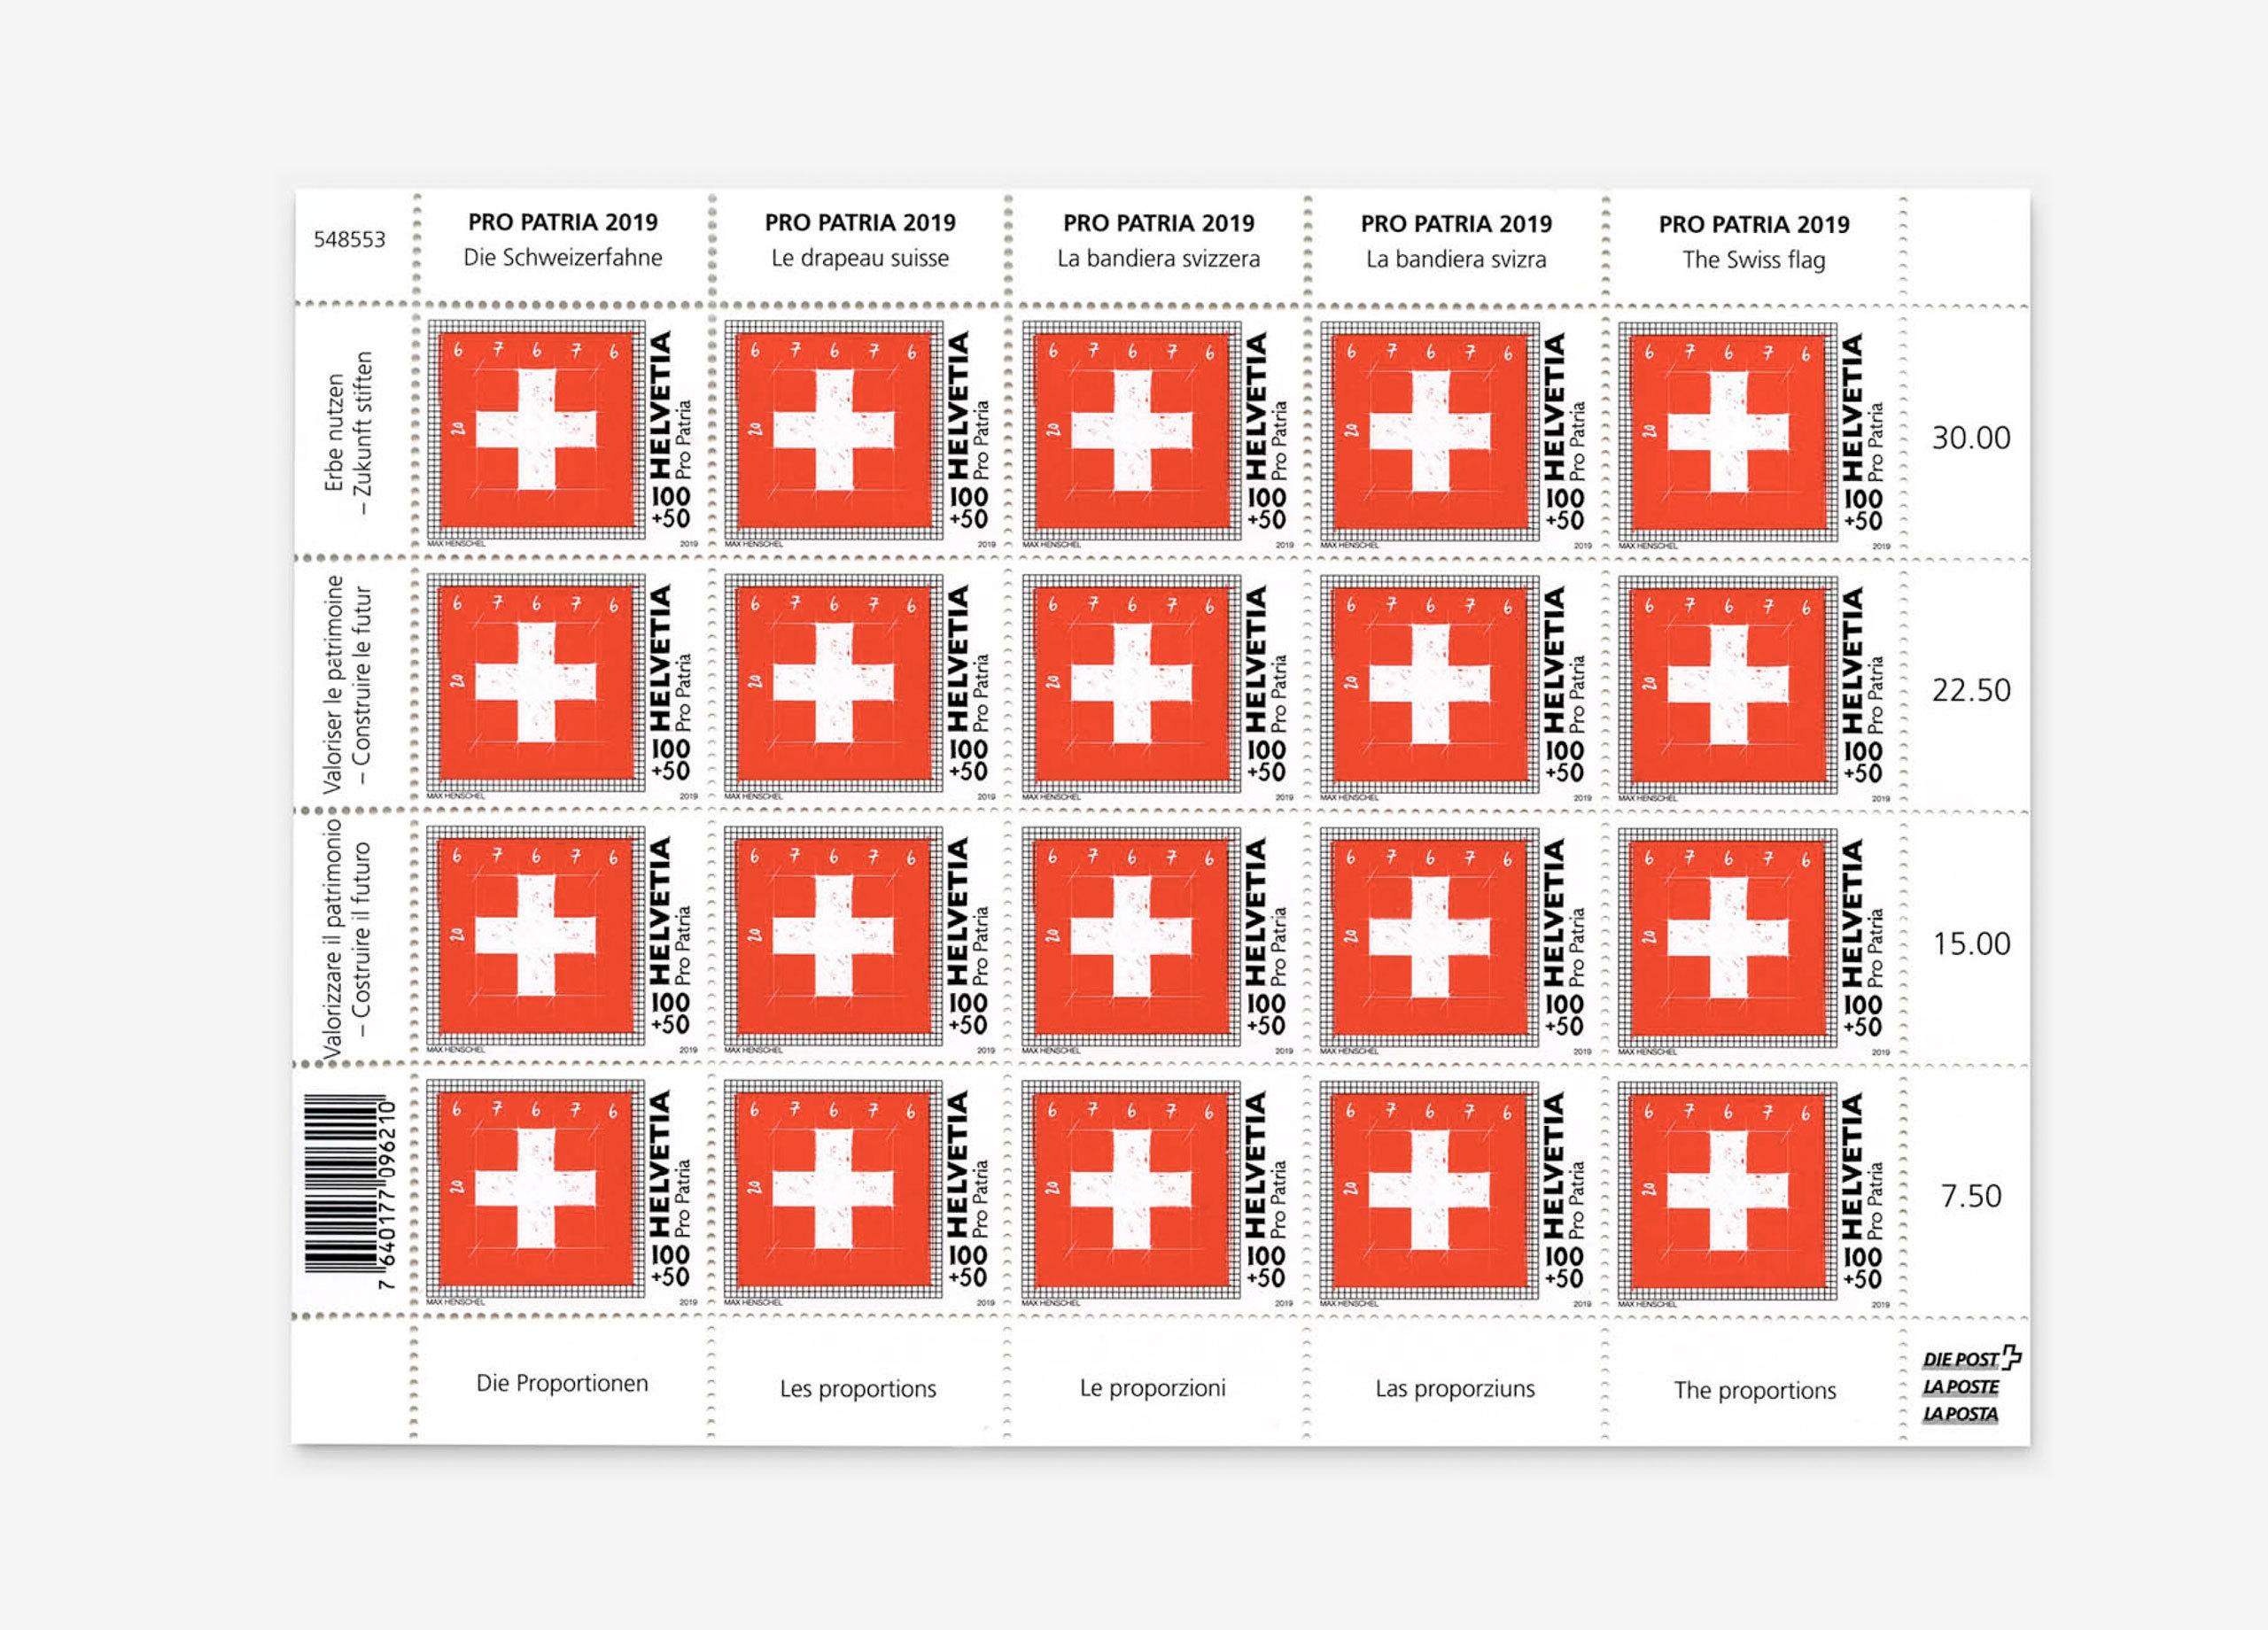 Propatria Briefmarke Schweizer Flagge 07 MHG Bern